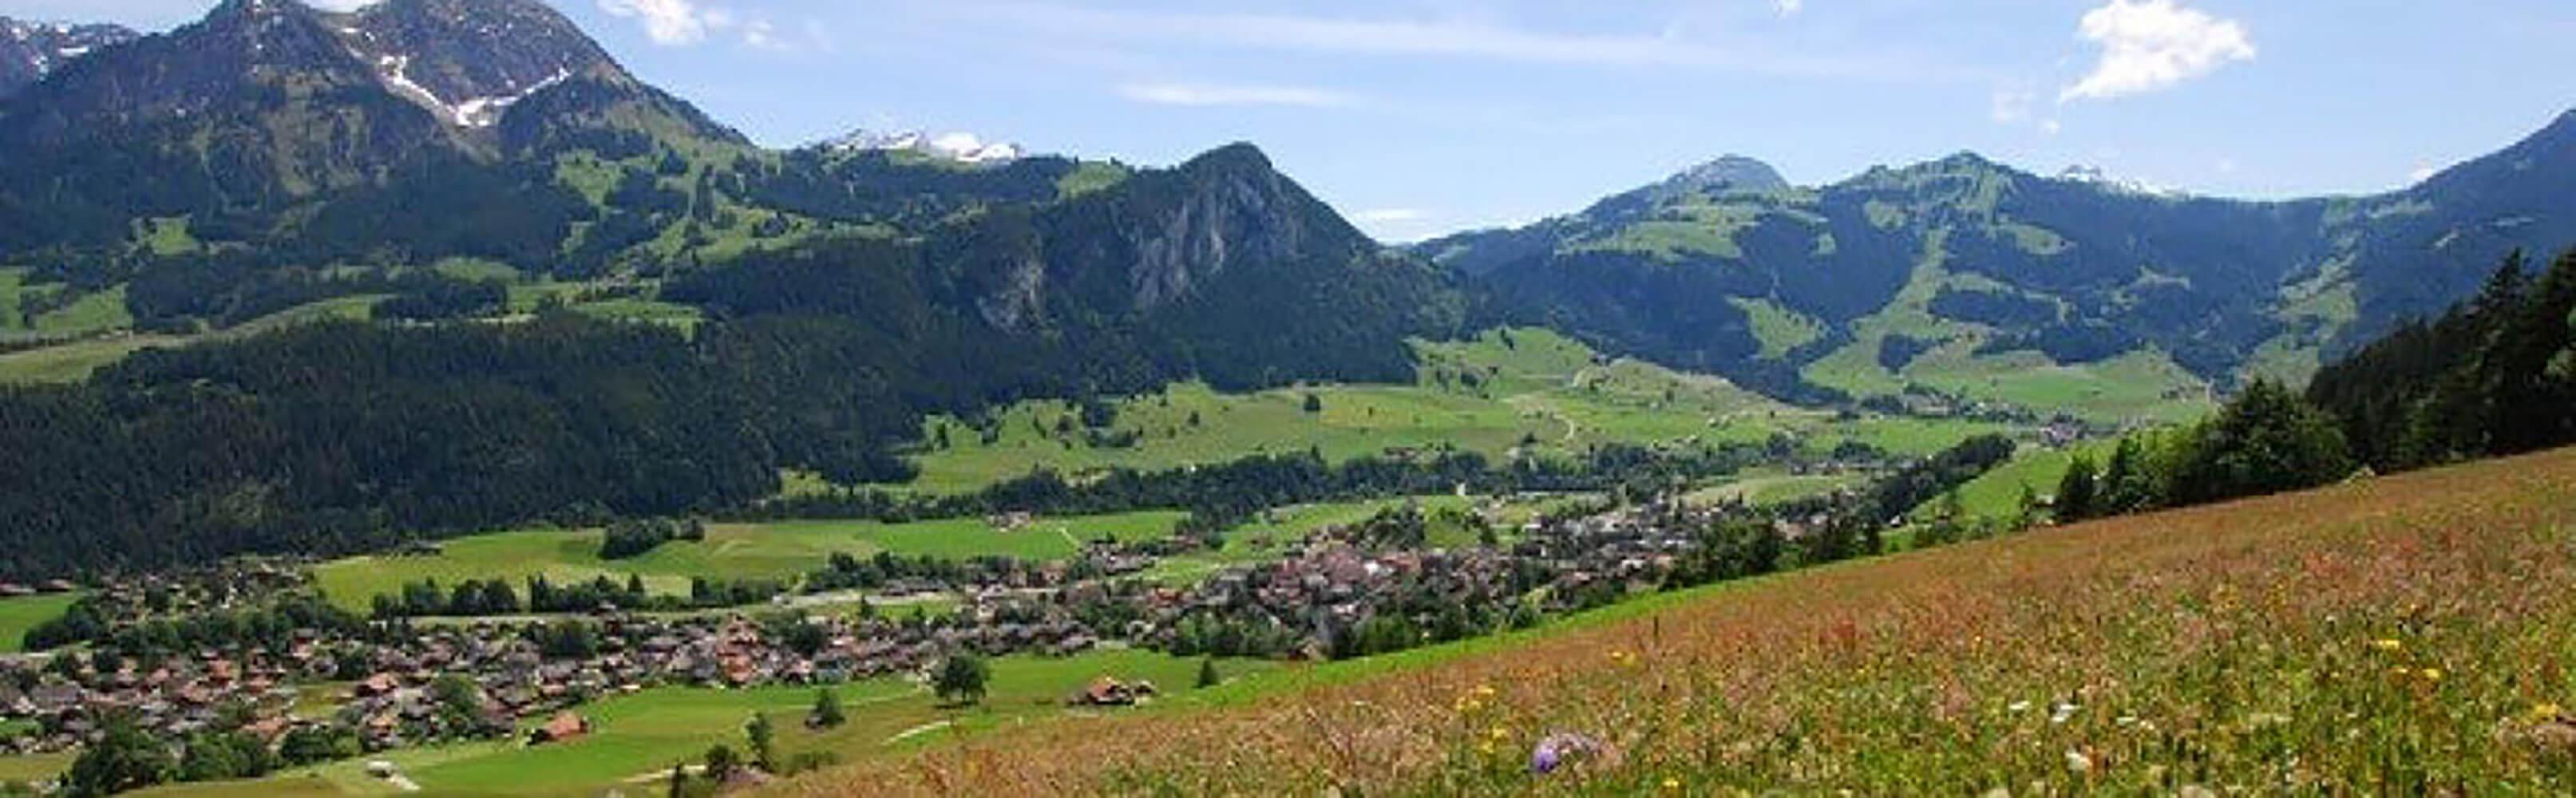 Naturpark Gruyère Pays-d'Enhaut 1